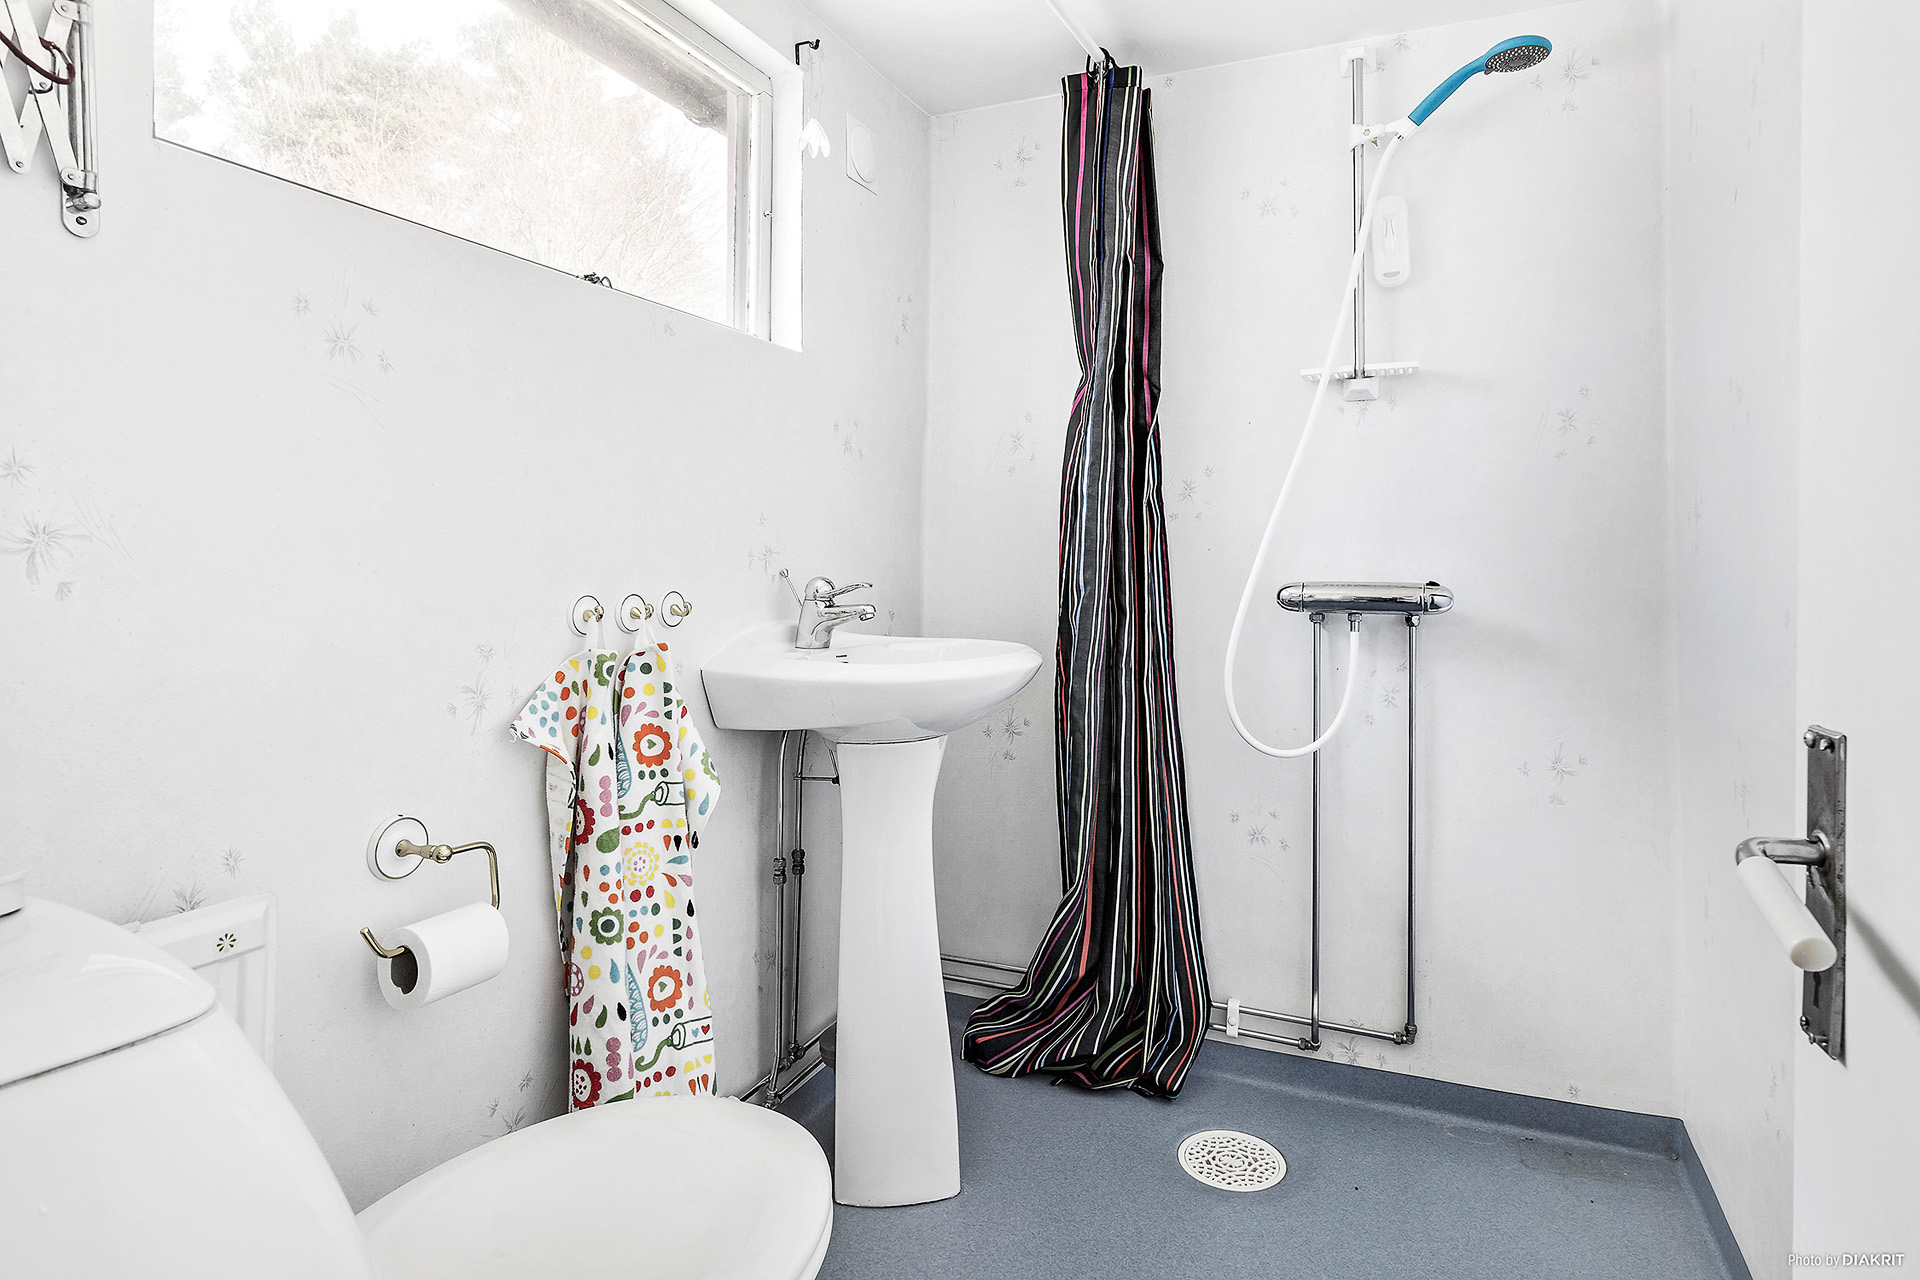 Dusch och WC övervåning